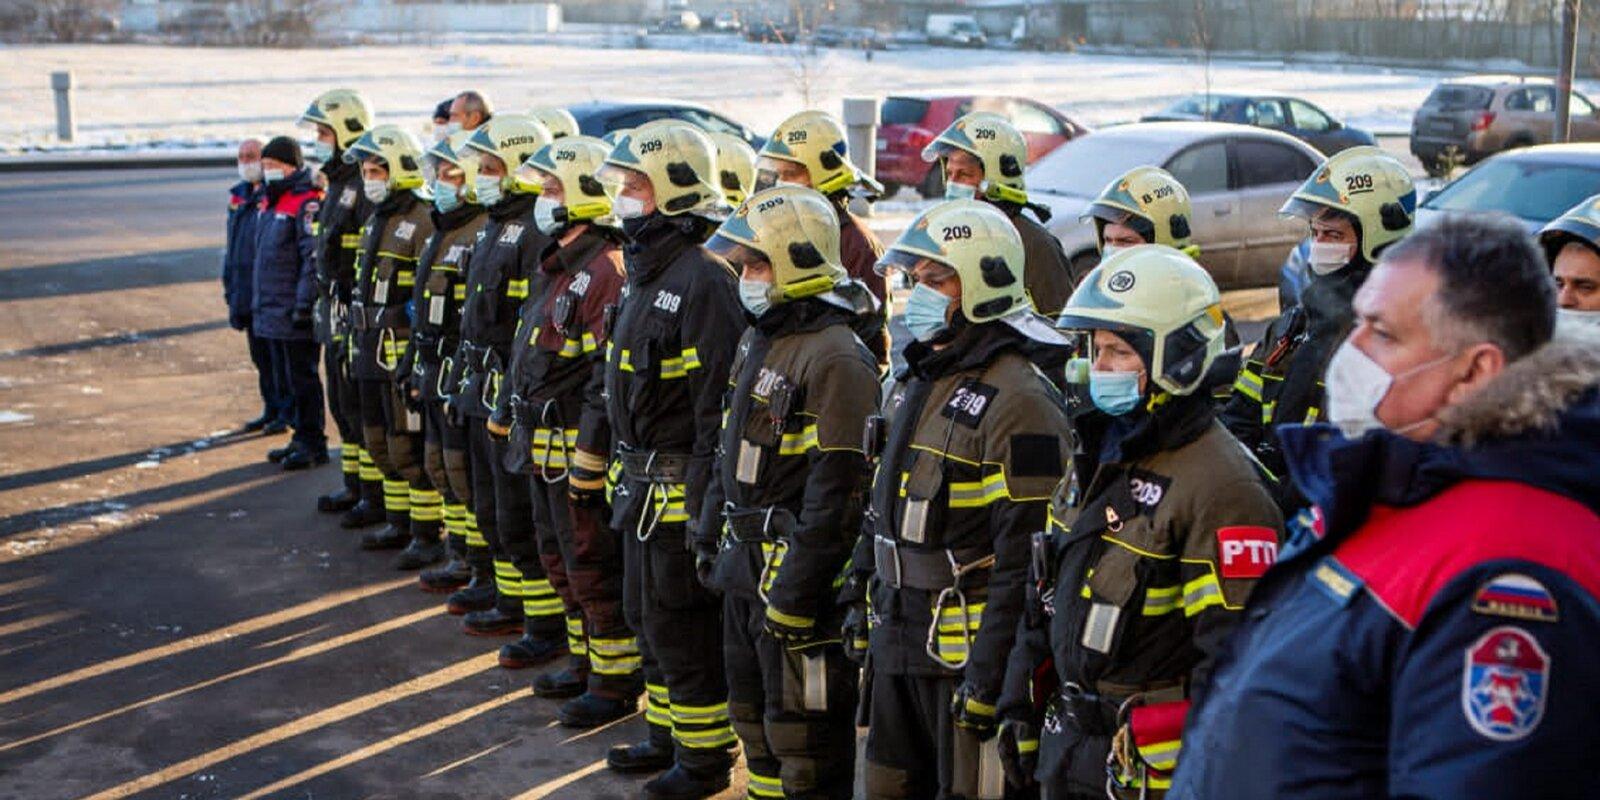 В Пожарно-спасательном центре установили мемориальную доску имени полковника Жебелева